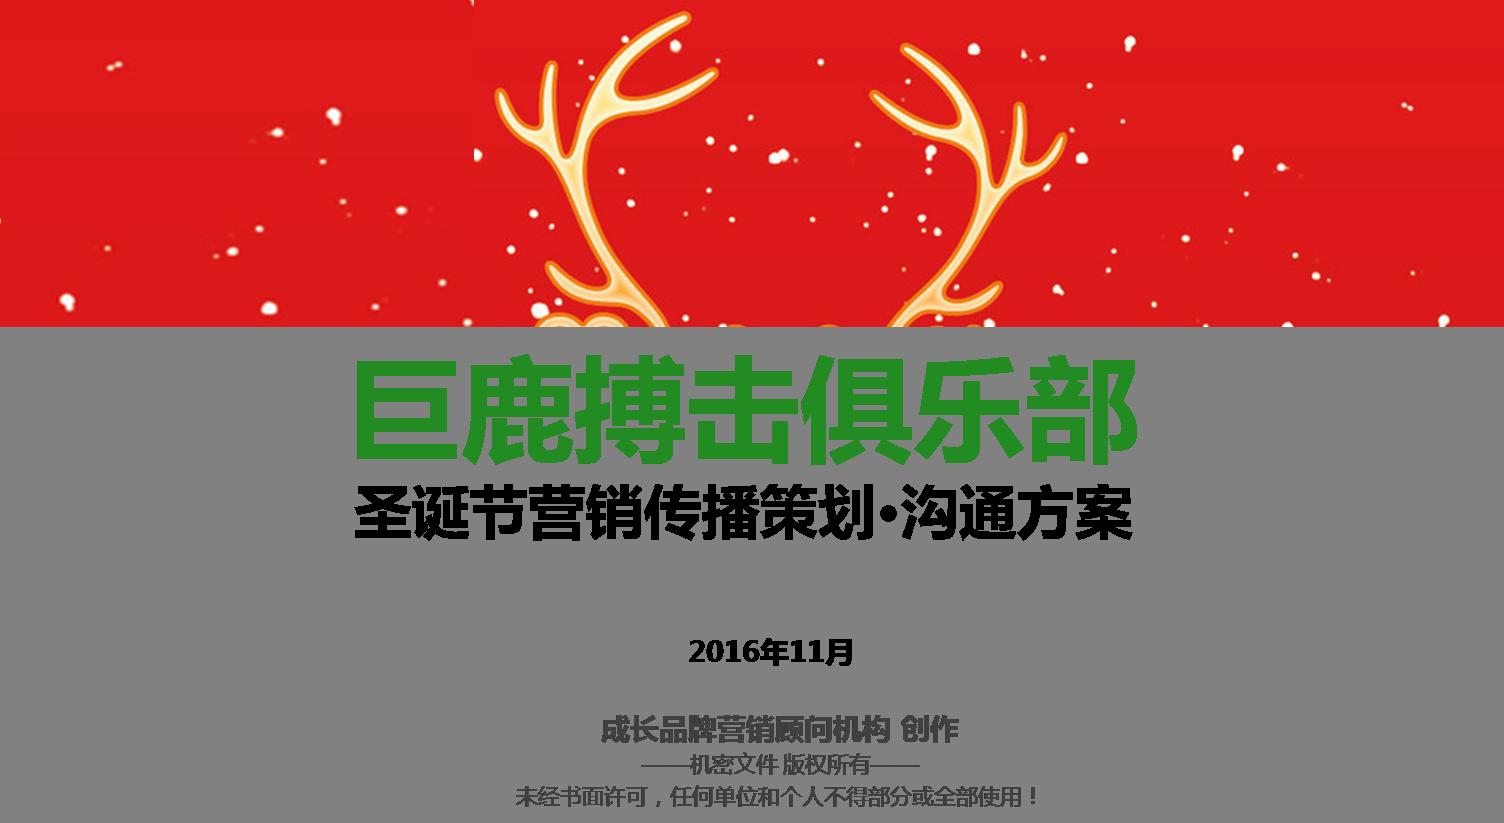 巨鹿搏击俱乐部 圣诞节营销传播策划